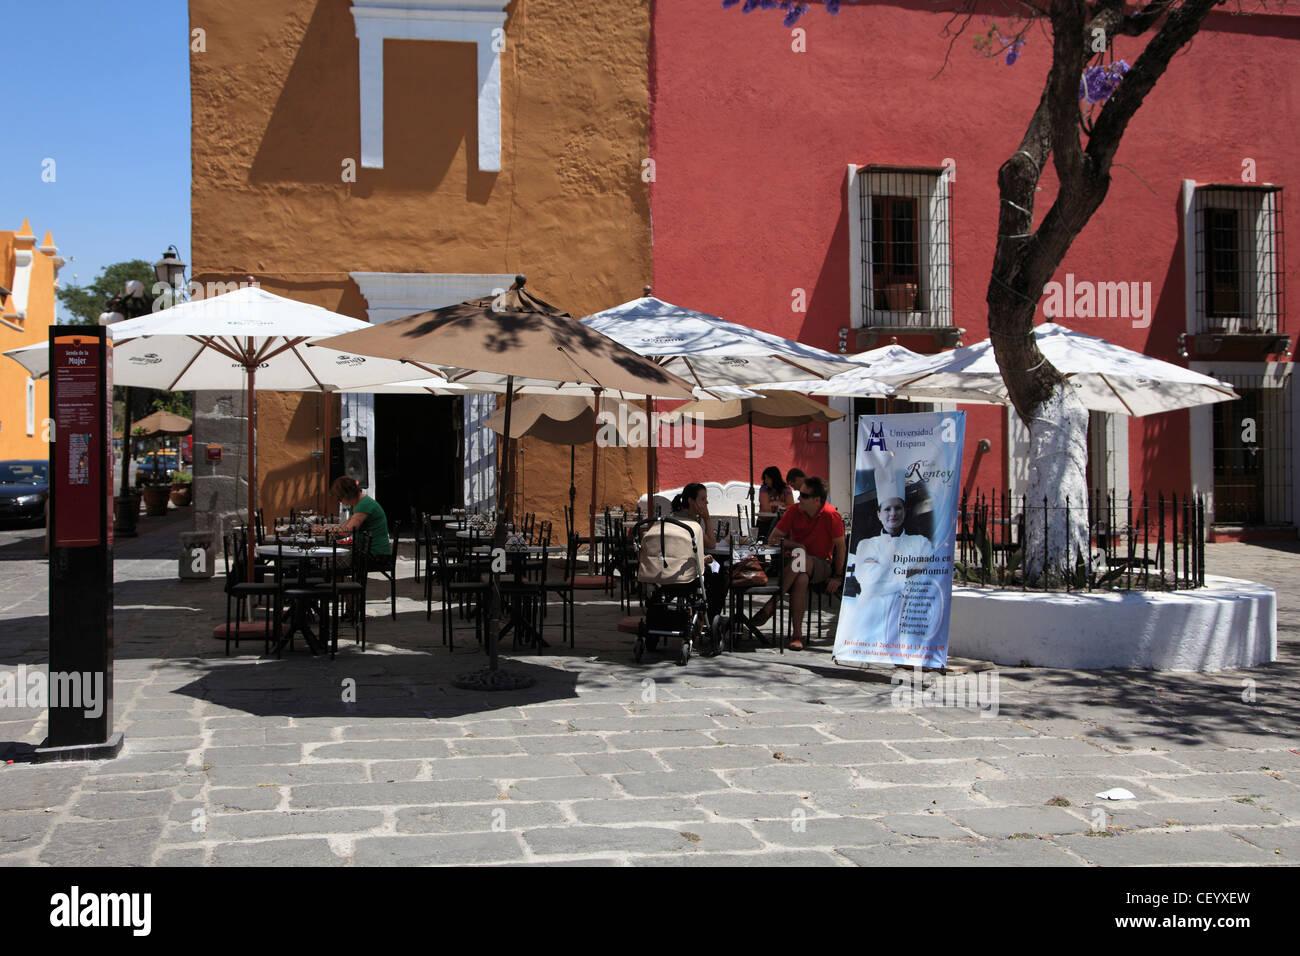 Quartiere degli artisti, Barrio del Artista, Puebla, centro storico, stato di Puebla, Messico Immagini Stock